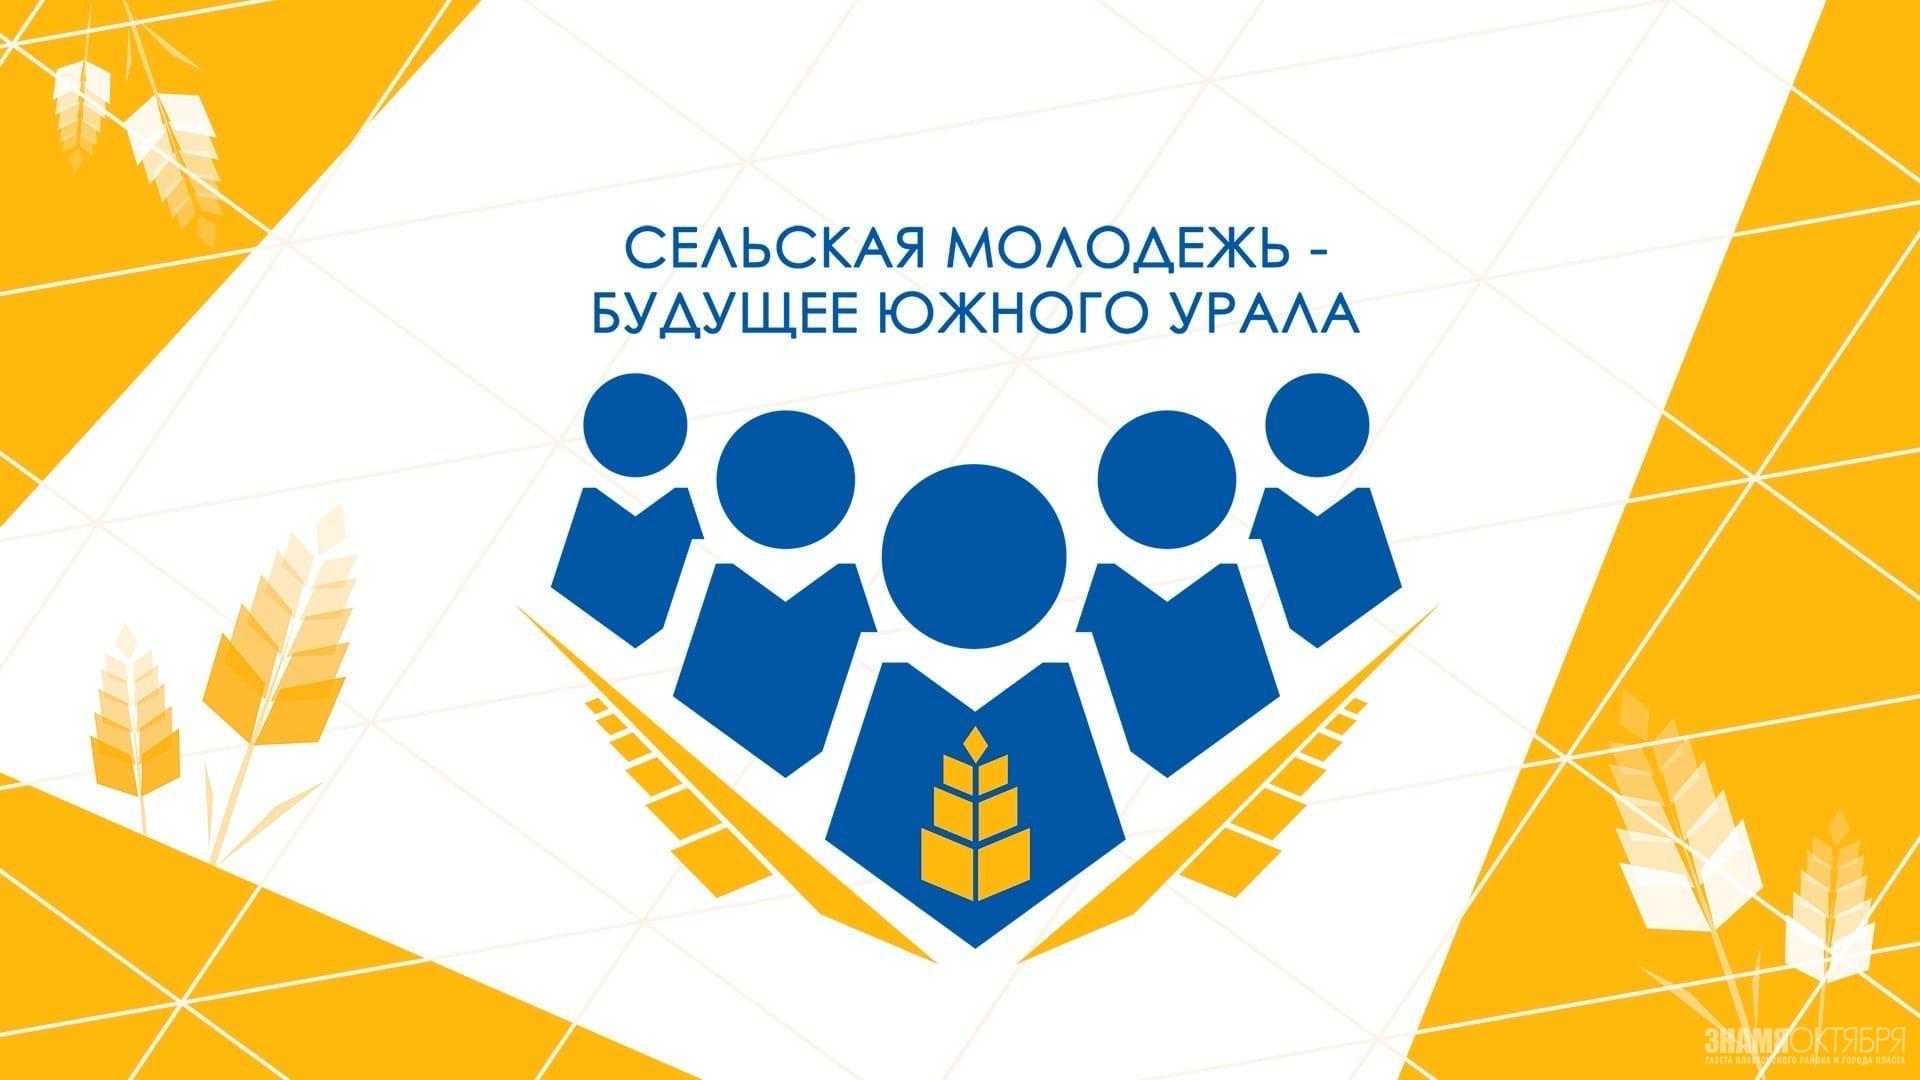 Сельская молодежь - будущее Южного Урала